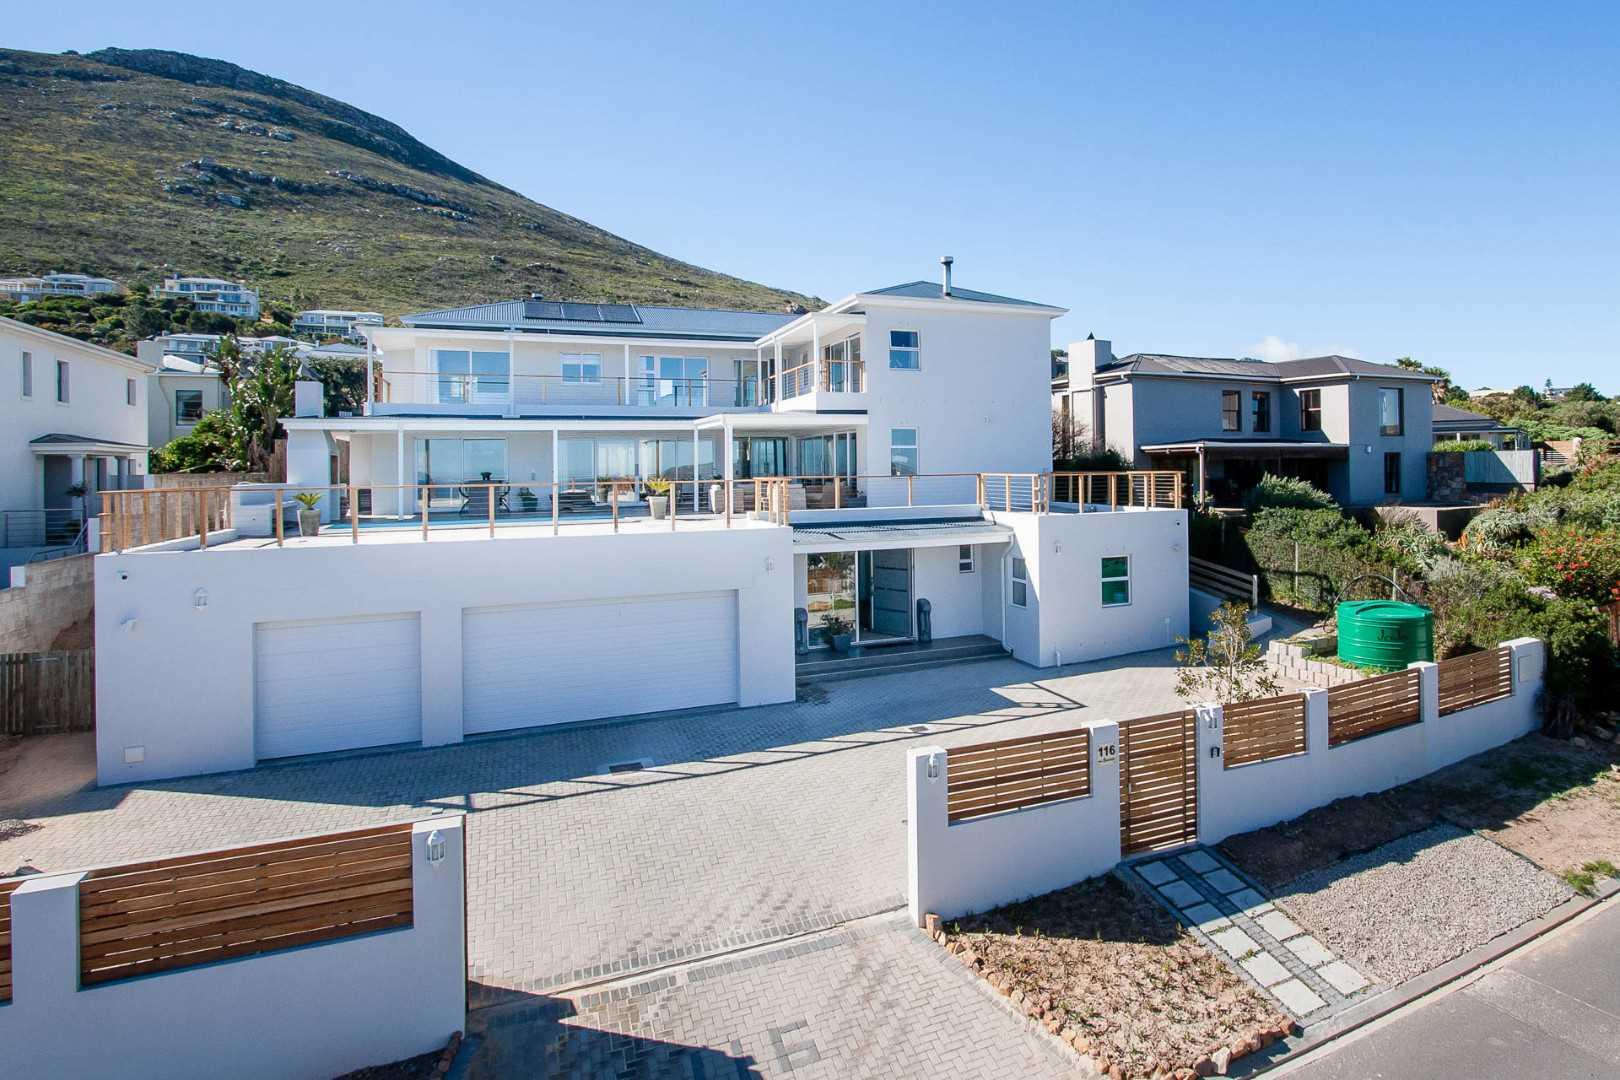 6 Bedroom House For Sale in Noordhoek